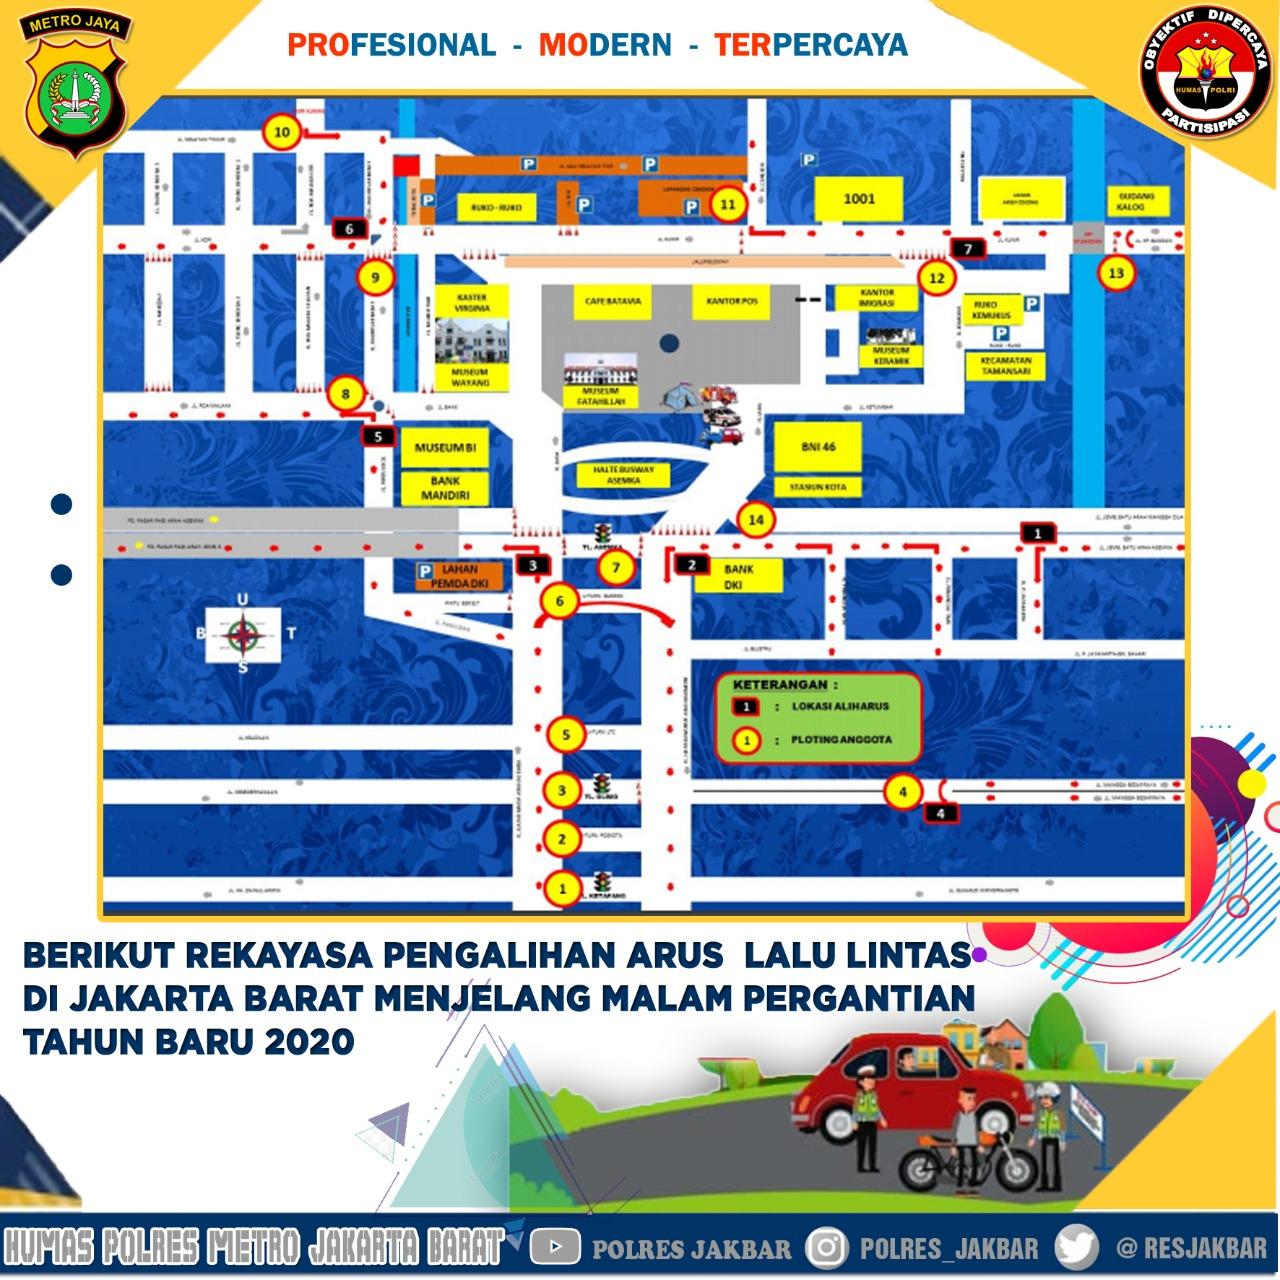 Jelang Pergantian Tahun Baru 2020,  Arus  Lalin di Jakarta Barat Alami Rekayasa